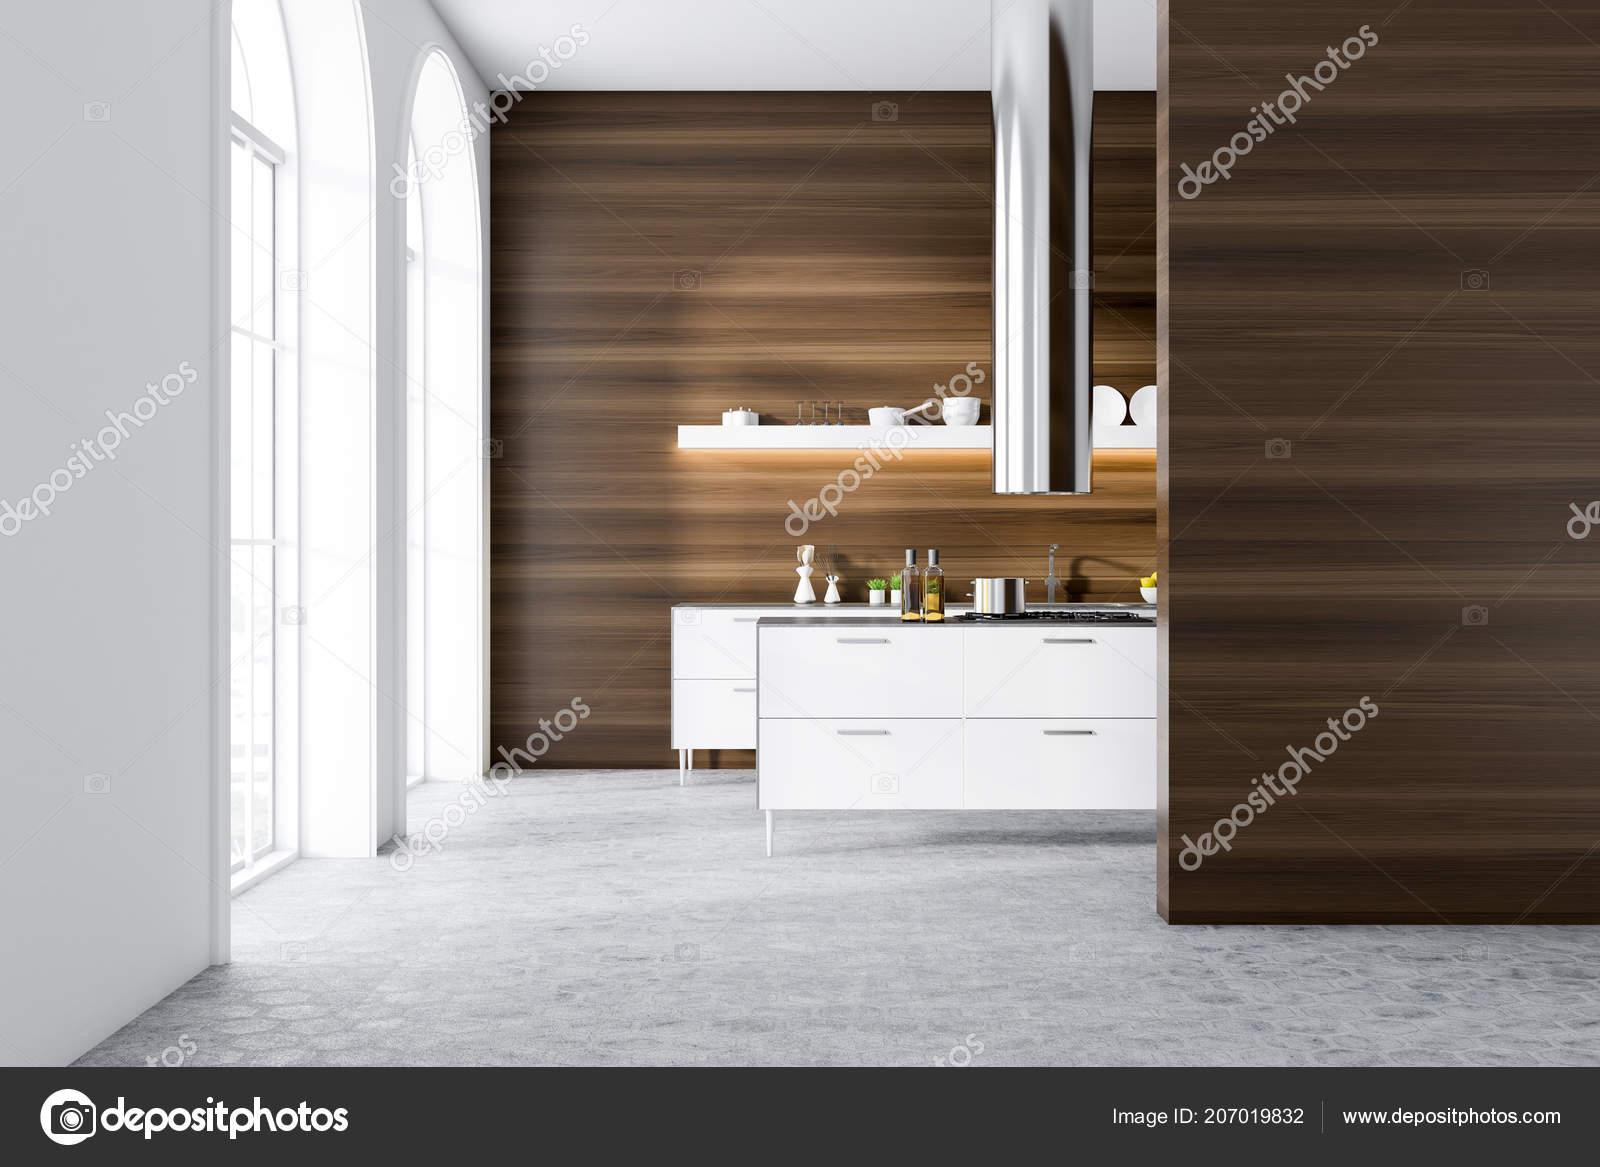 Fußboden Küche Modern ~ Moderne küche interieur mit dunklen holzwänden ein grauer fußboden